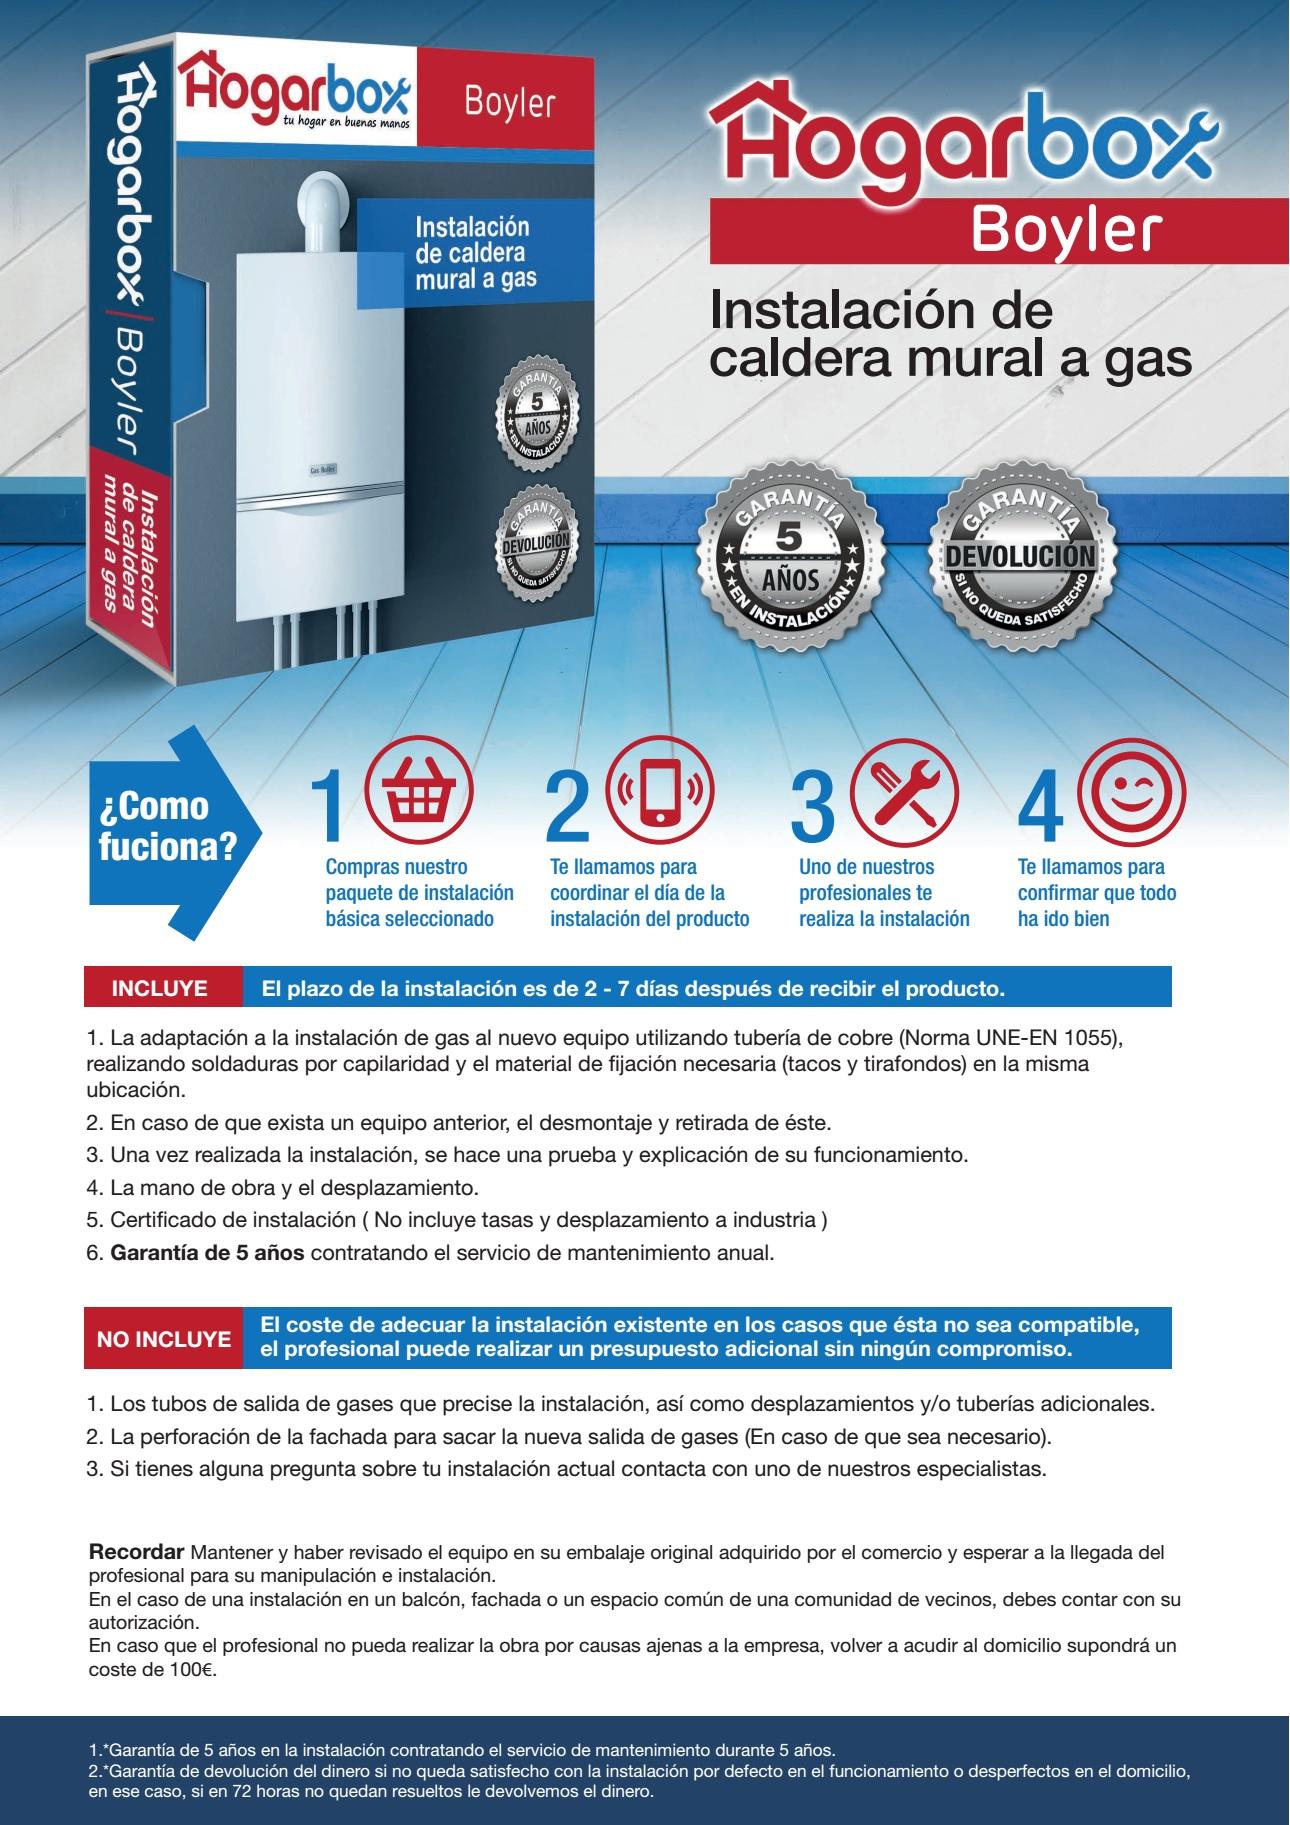 hogarbox boyler instalaci n caldera a gas precios y ofertas